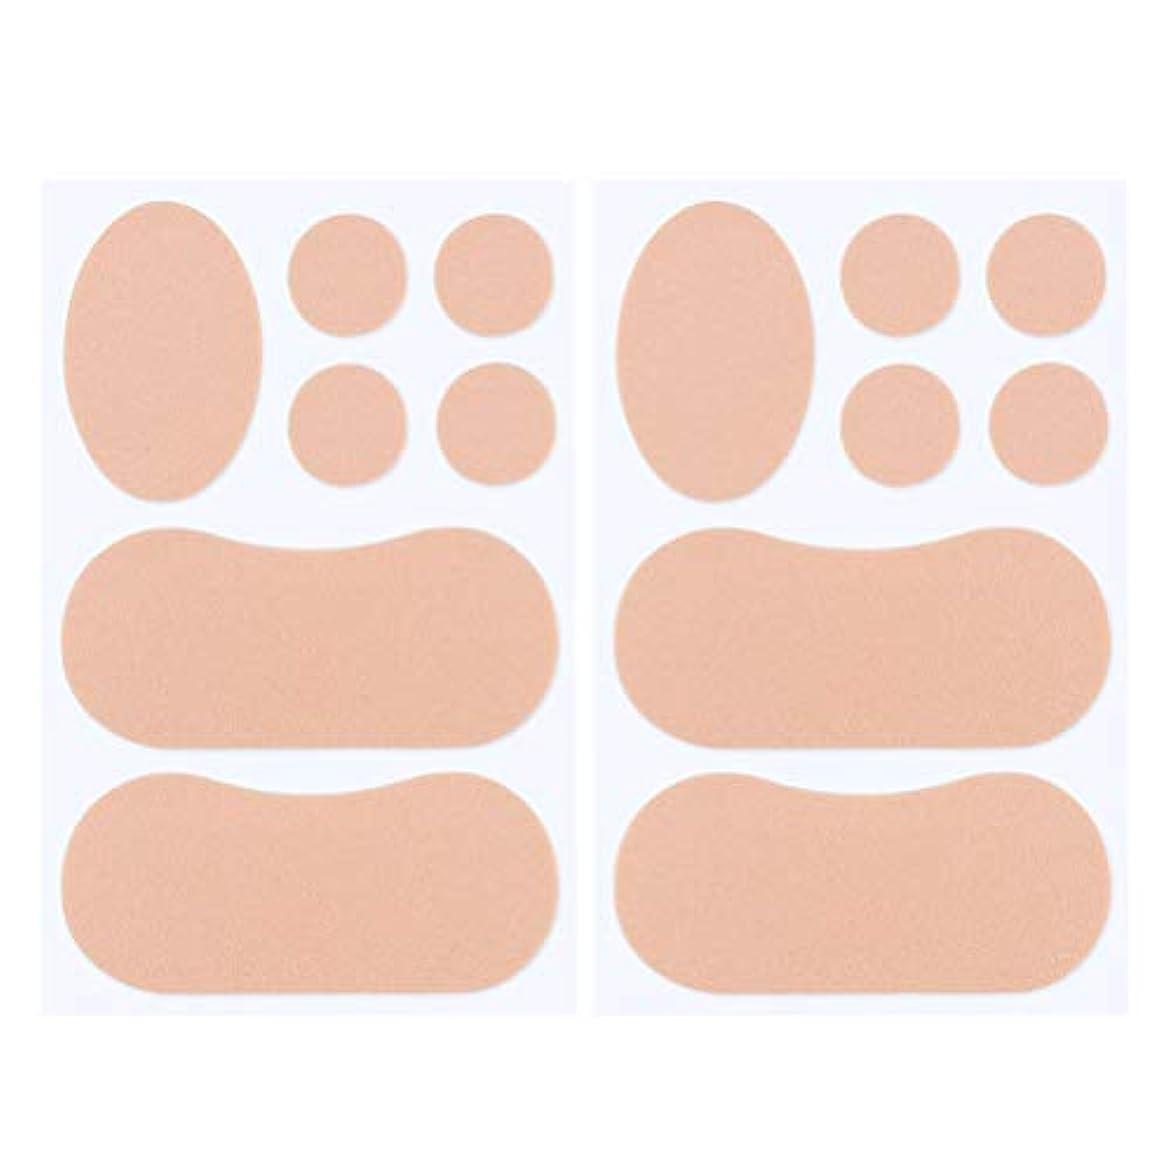 Frcolor 2セット靴ずれ防止 ヒールステッカー つま先プロテクター フットケア